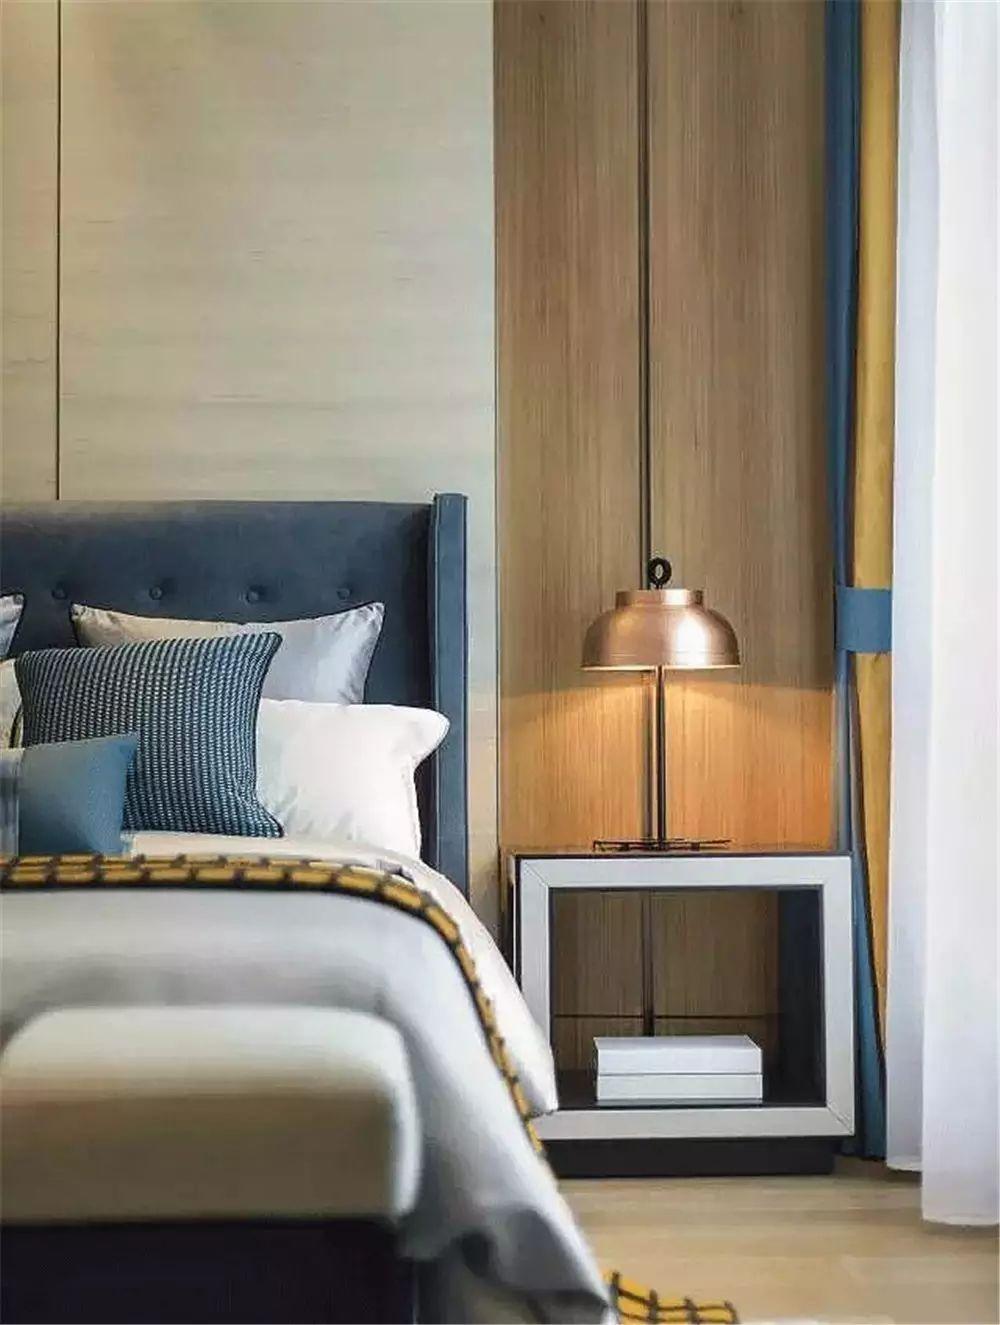 【万千装饰】新中式寝室 · 方寸之间,极具俗气